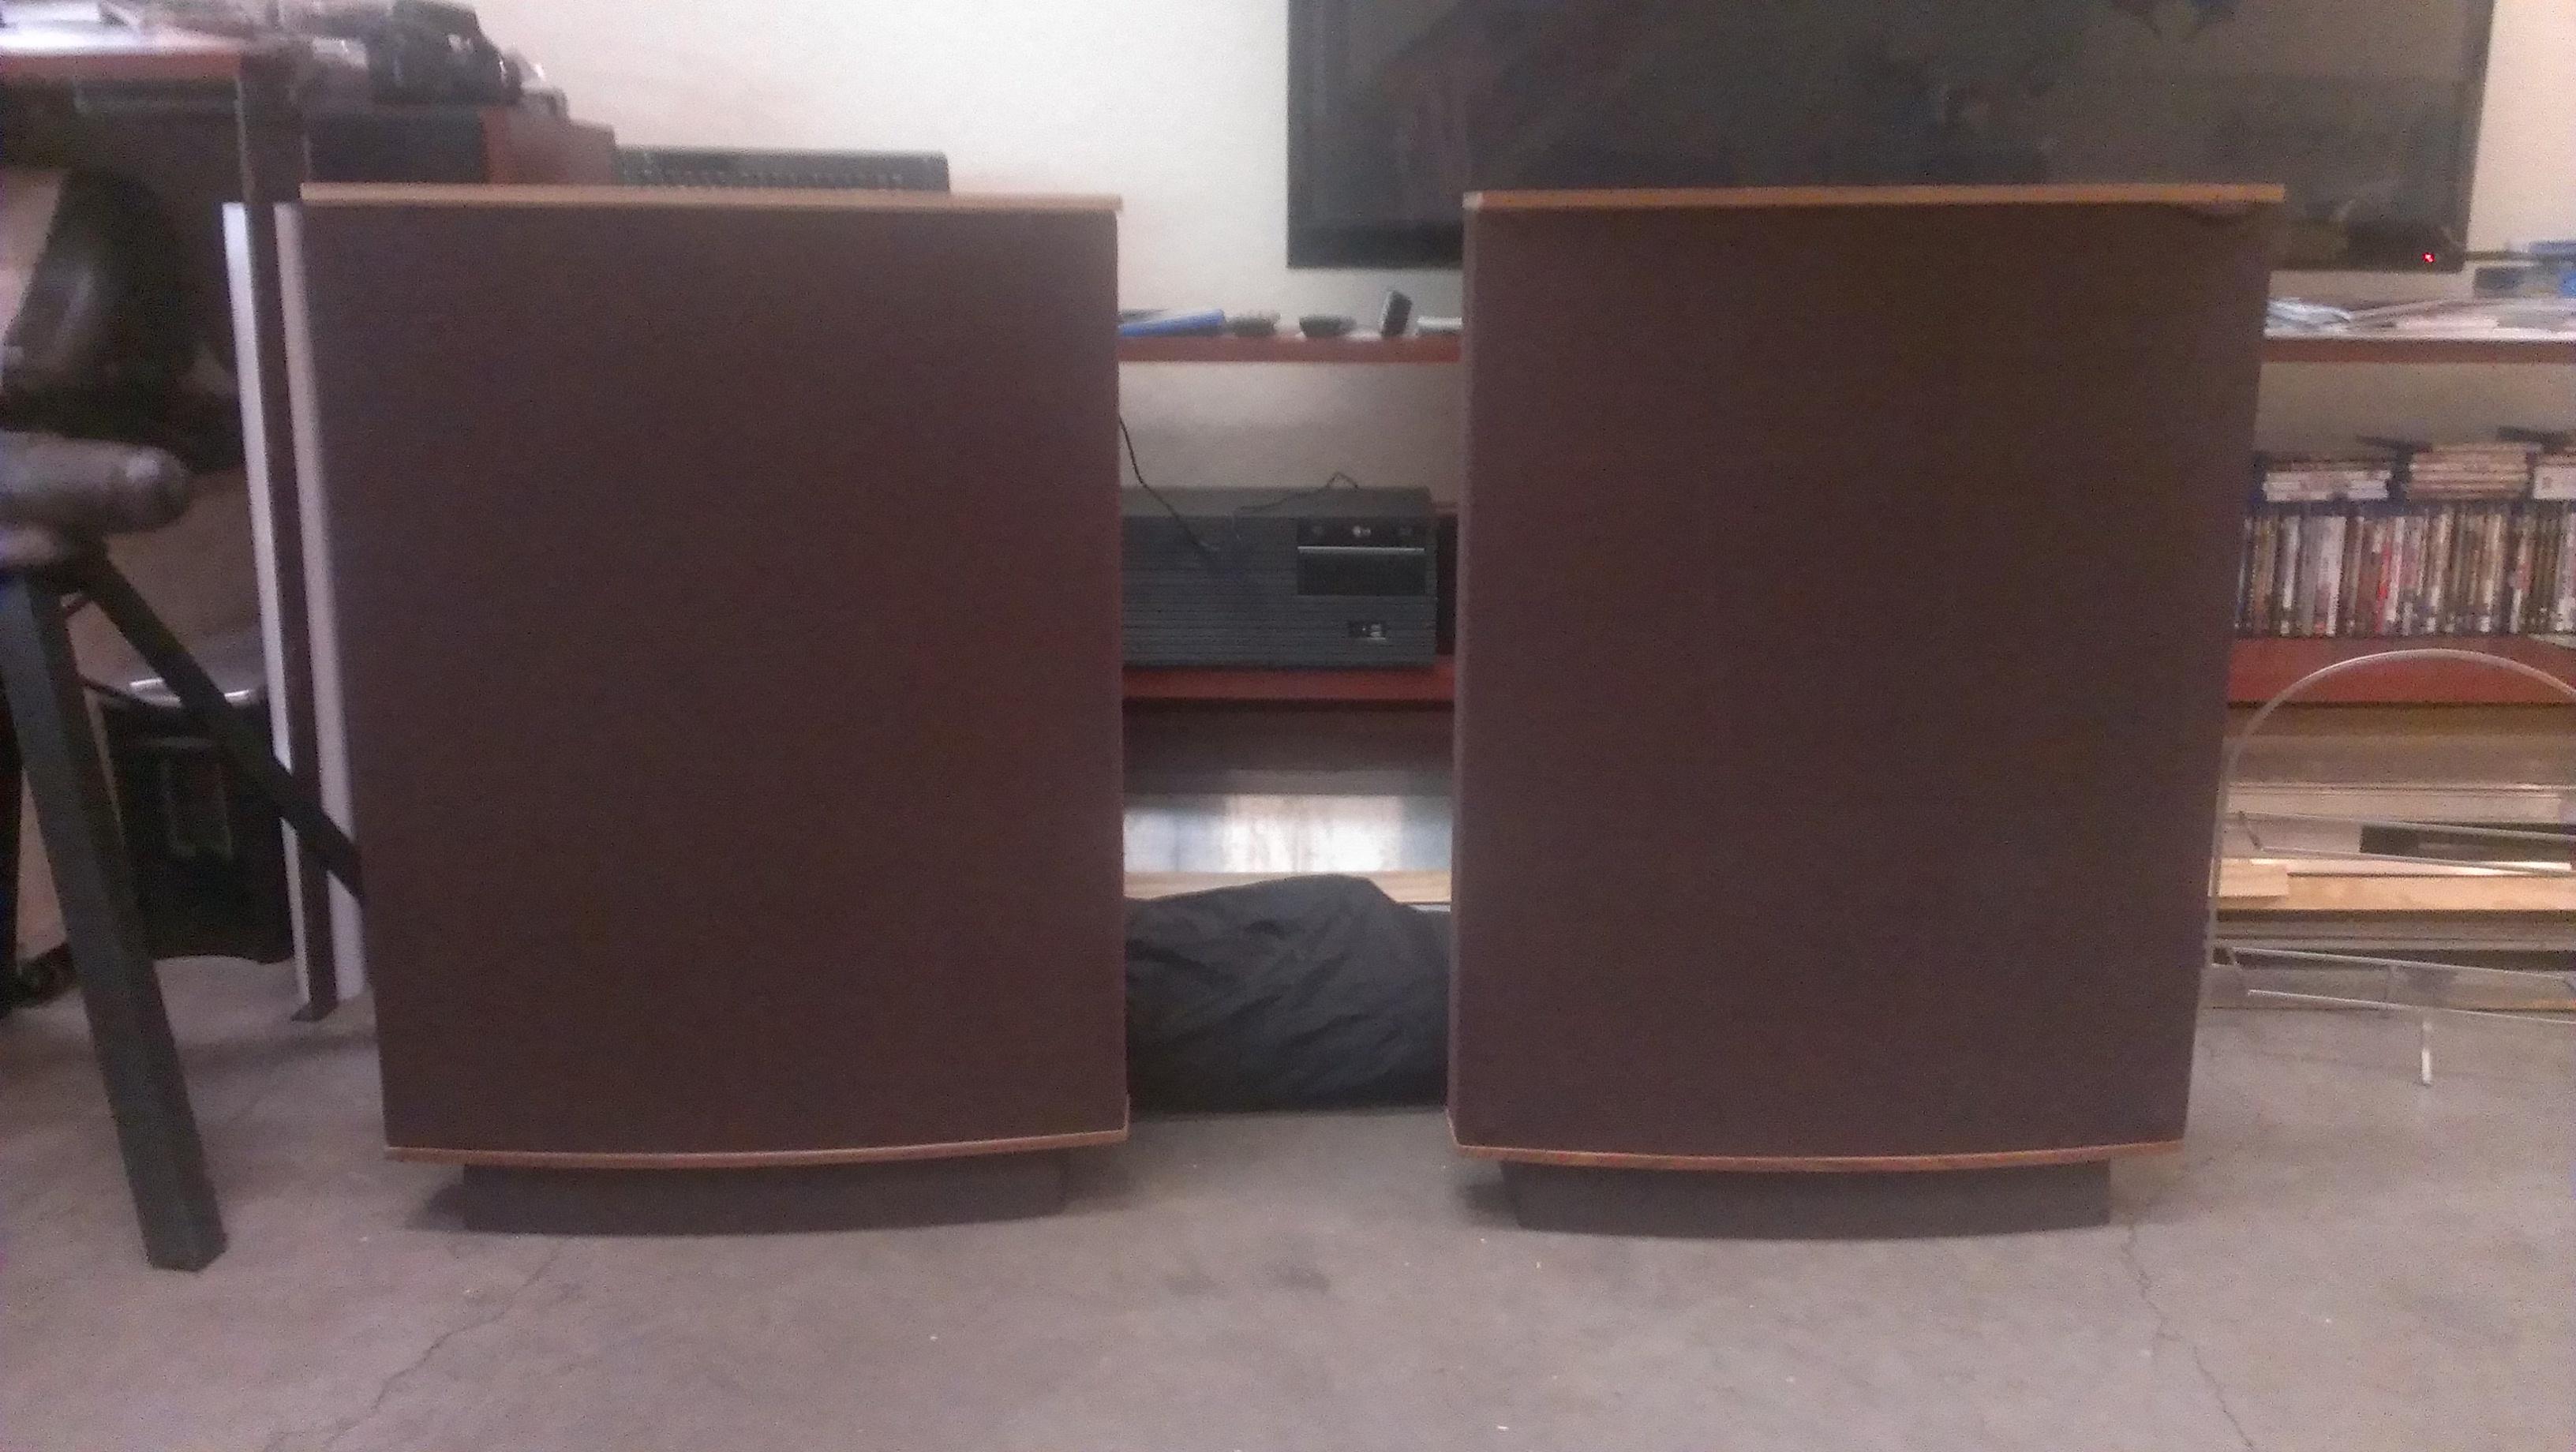 ongoing Quad electrostatic speaker repair – Sam Cuttriss